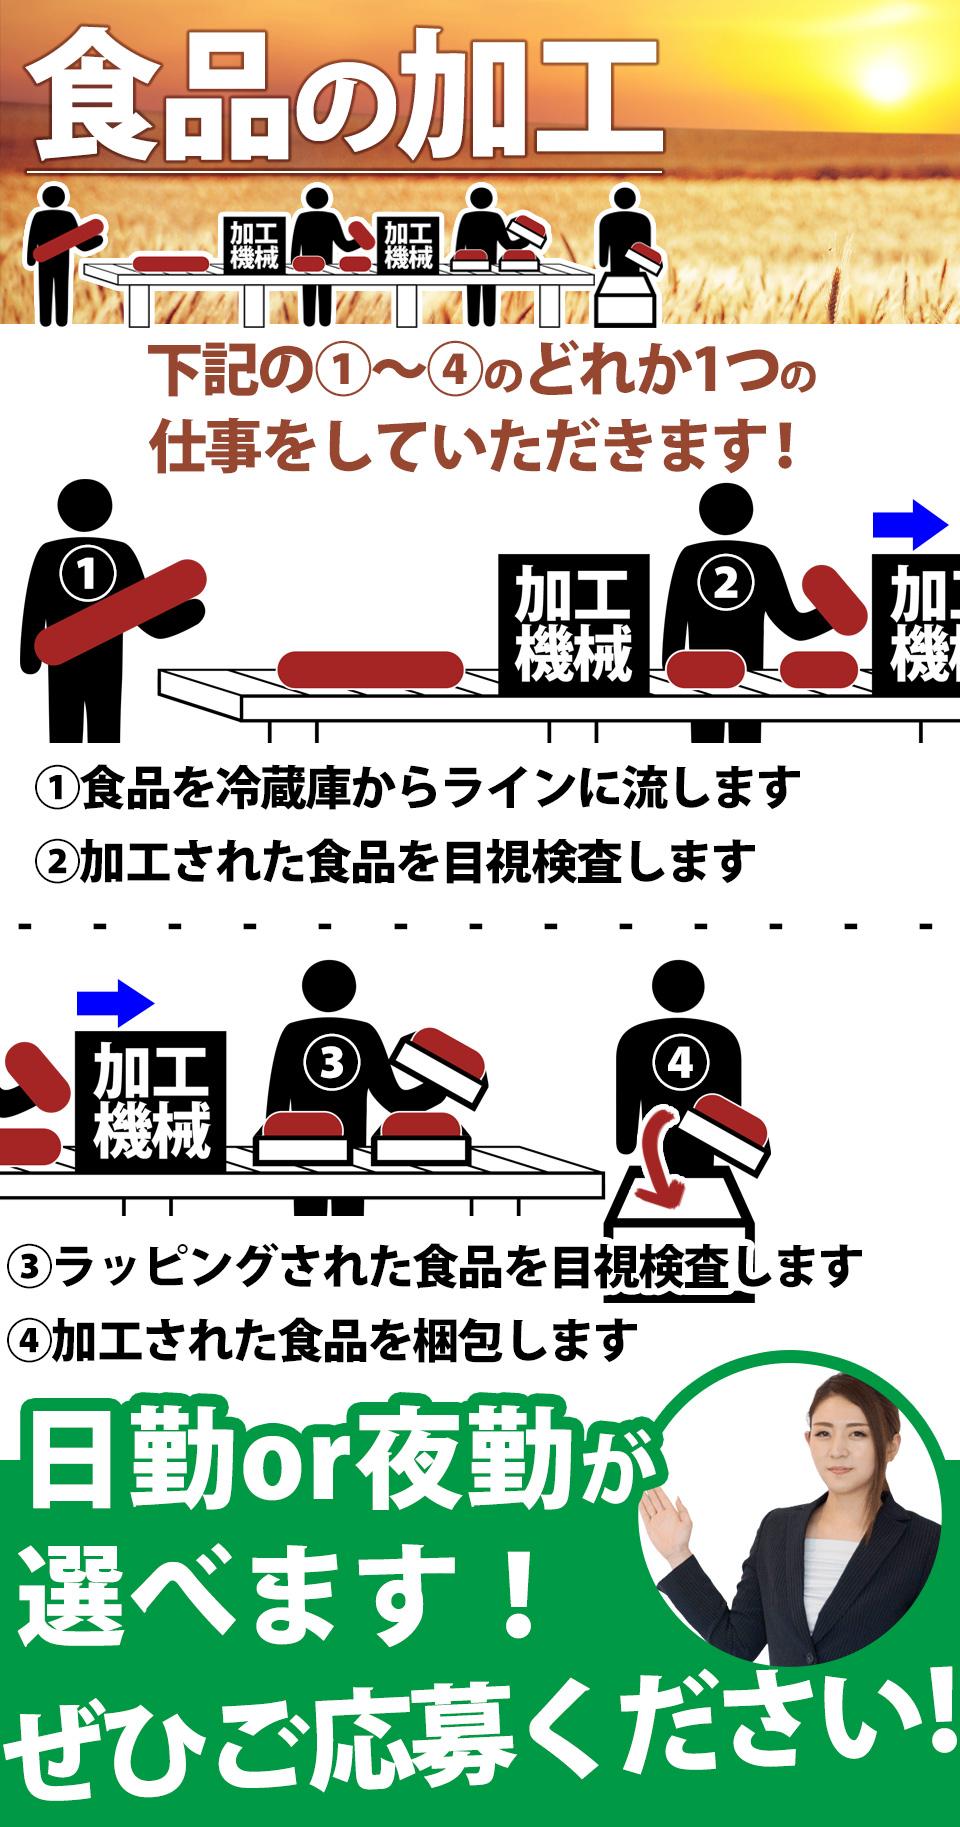 食品の投入or検査or梱包 愛知県豊橋市の派遣社員求人